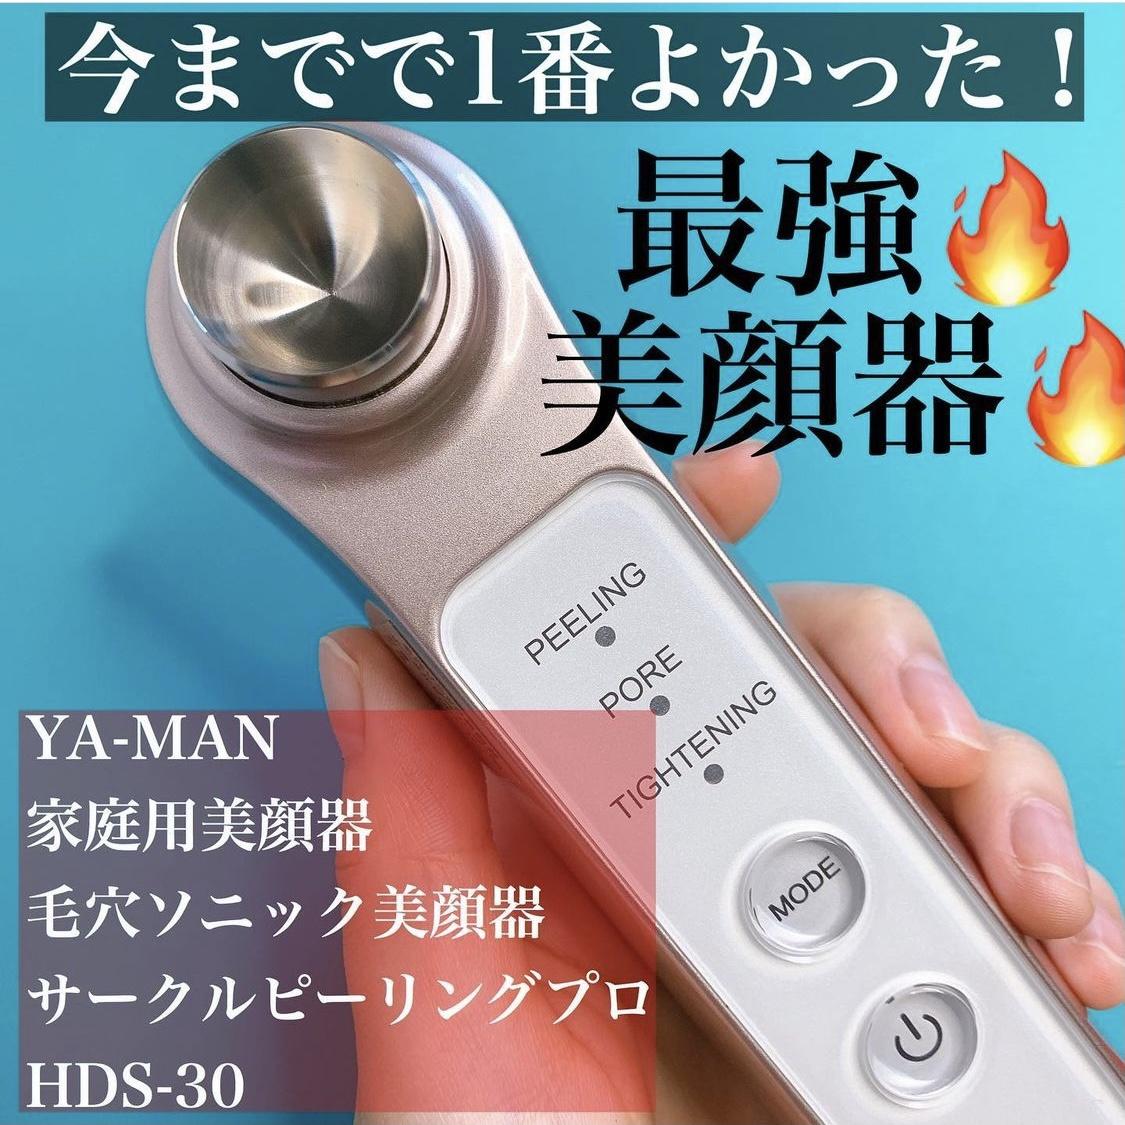 YA-MAN(ヤーマン) サークル ピーリング プロを使ったaikさんのクチコミ画像